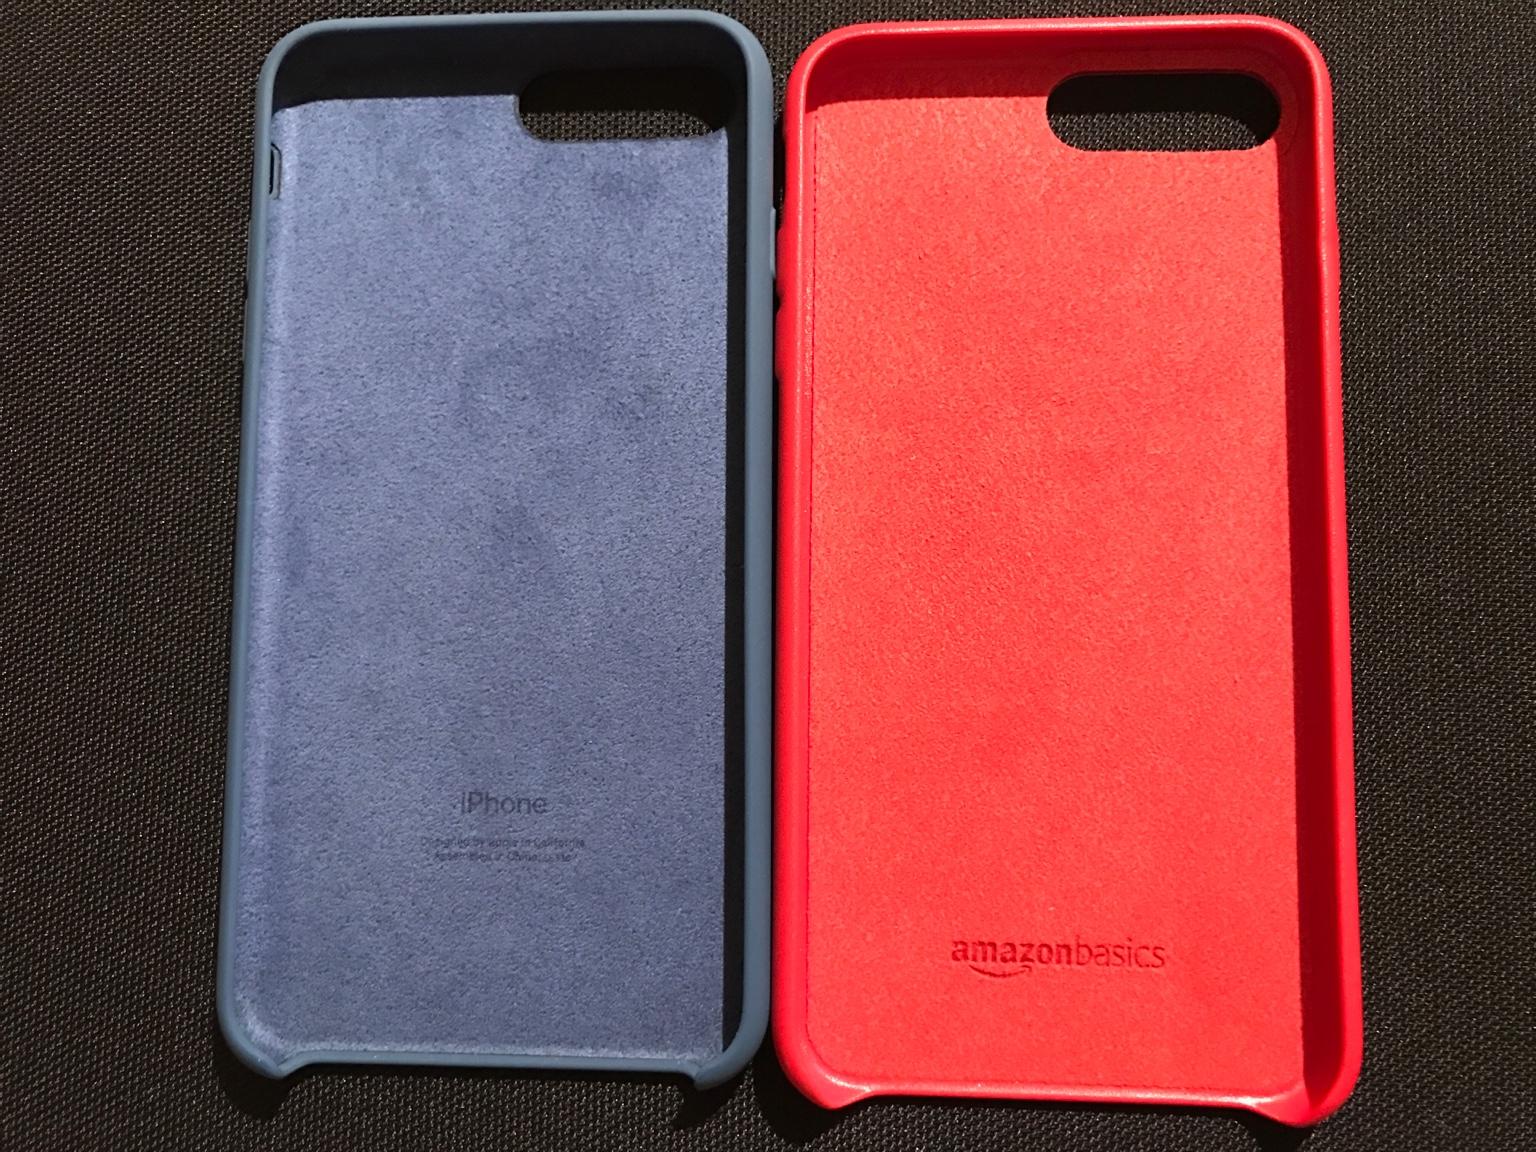 iphone 7 phone case amazon basics